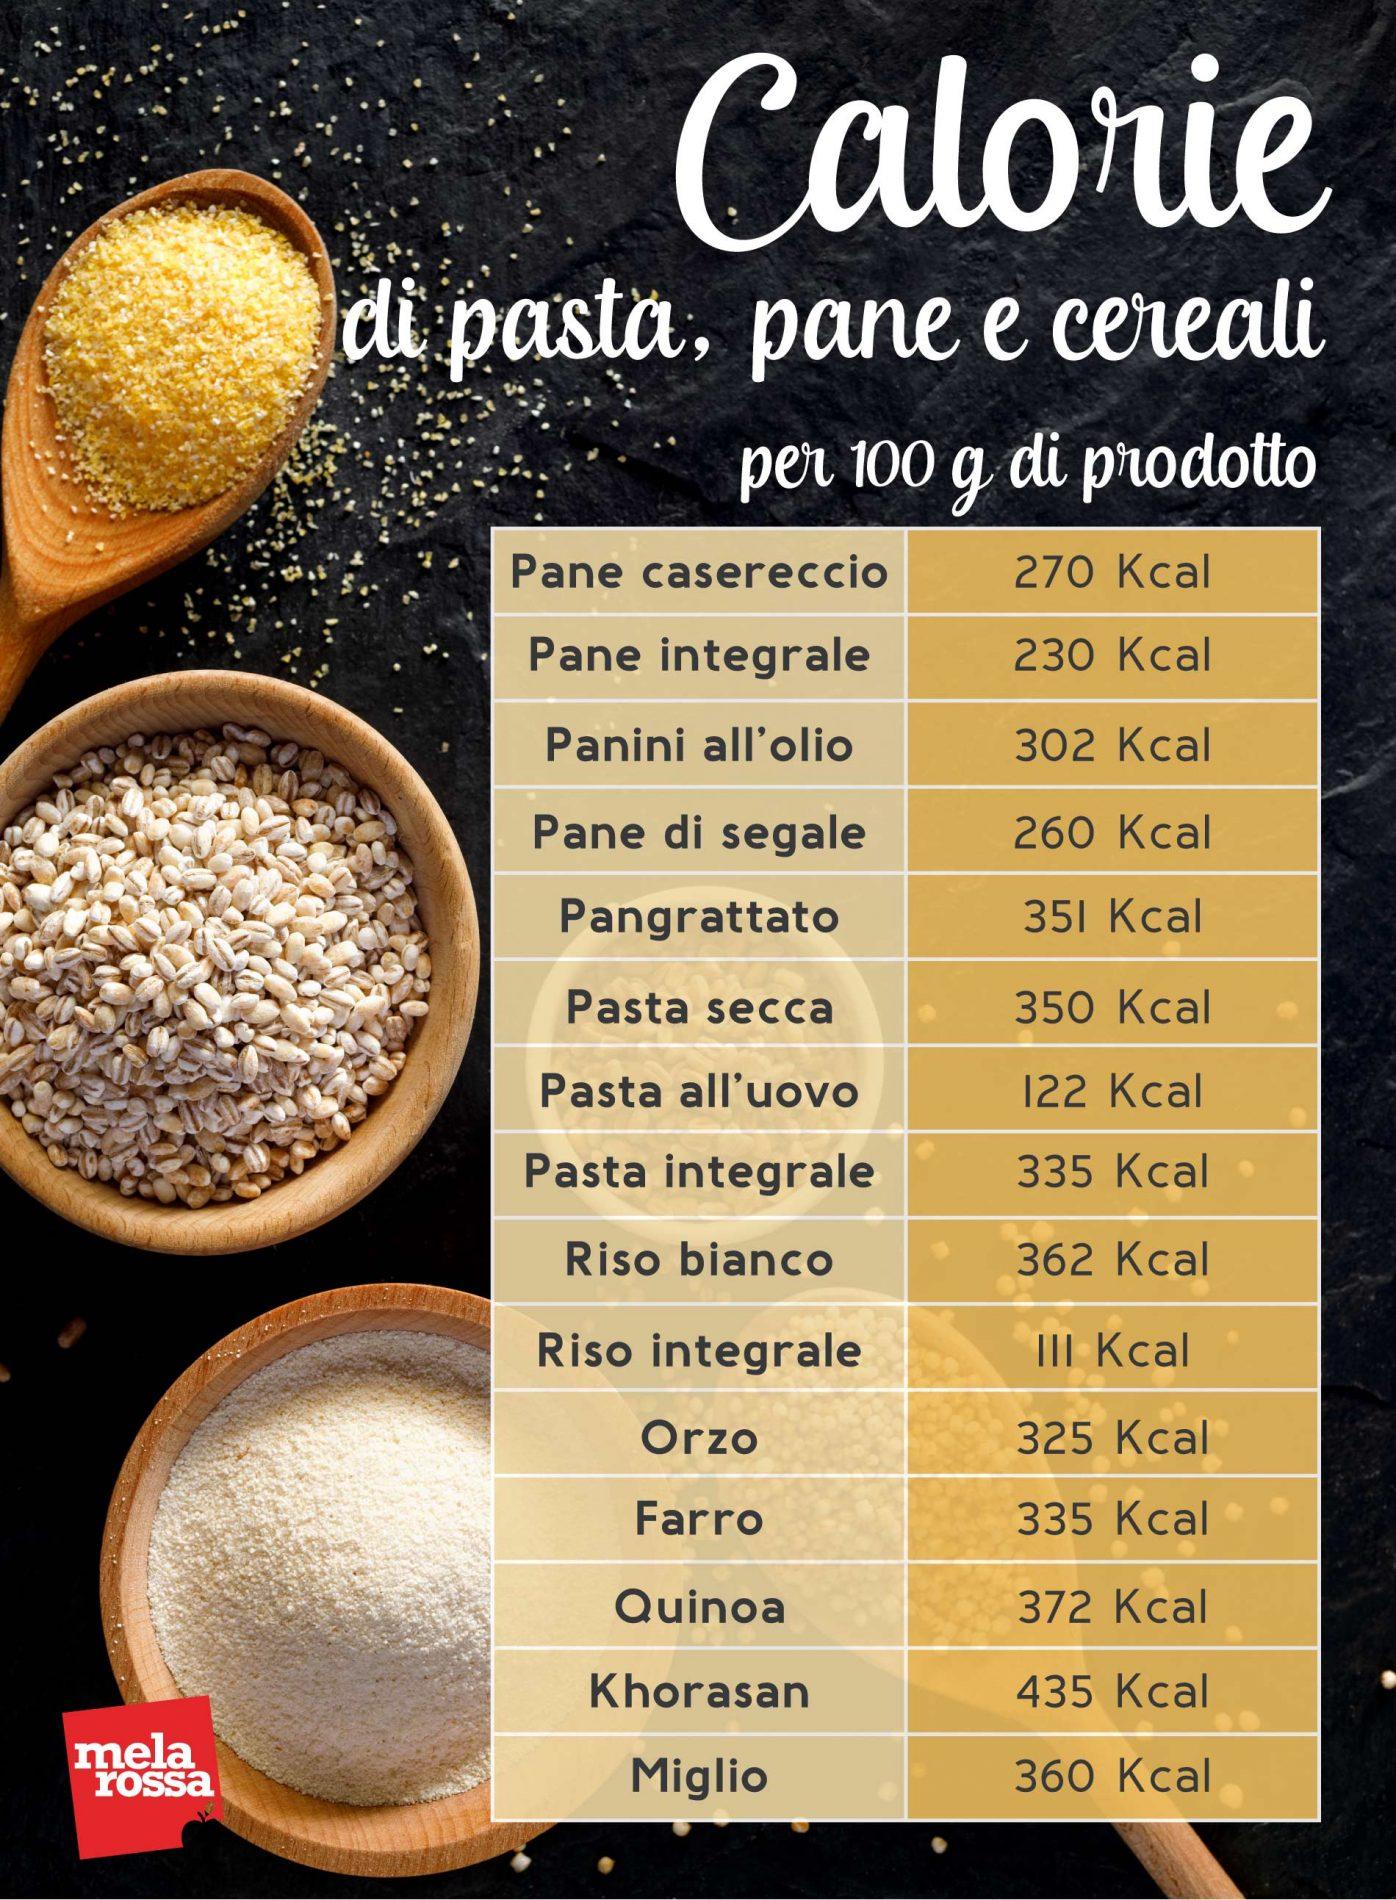 calorie del pane e cereali